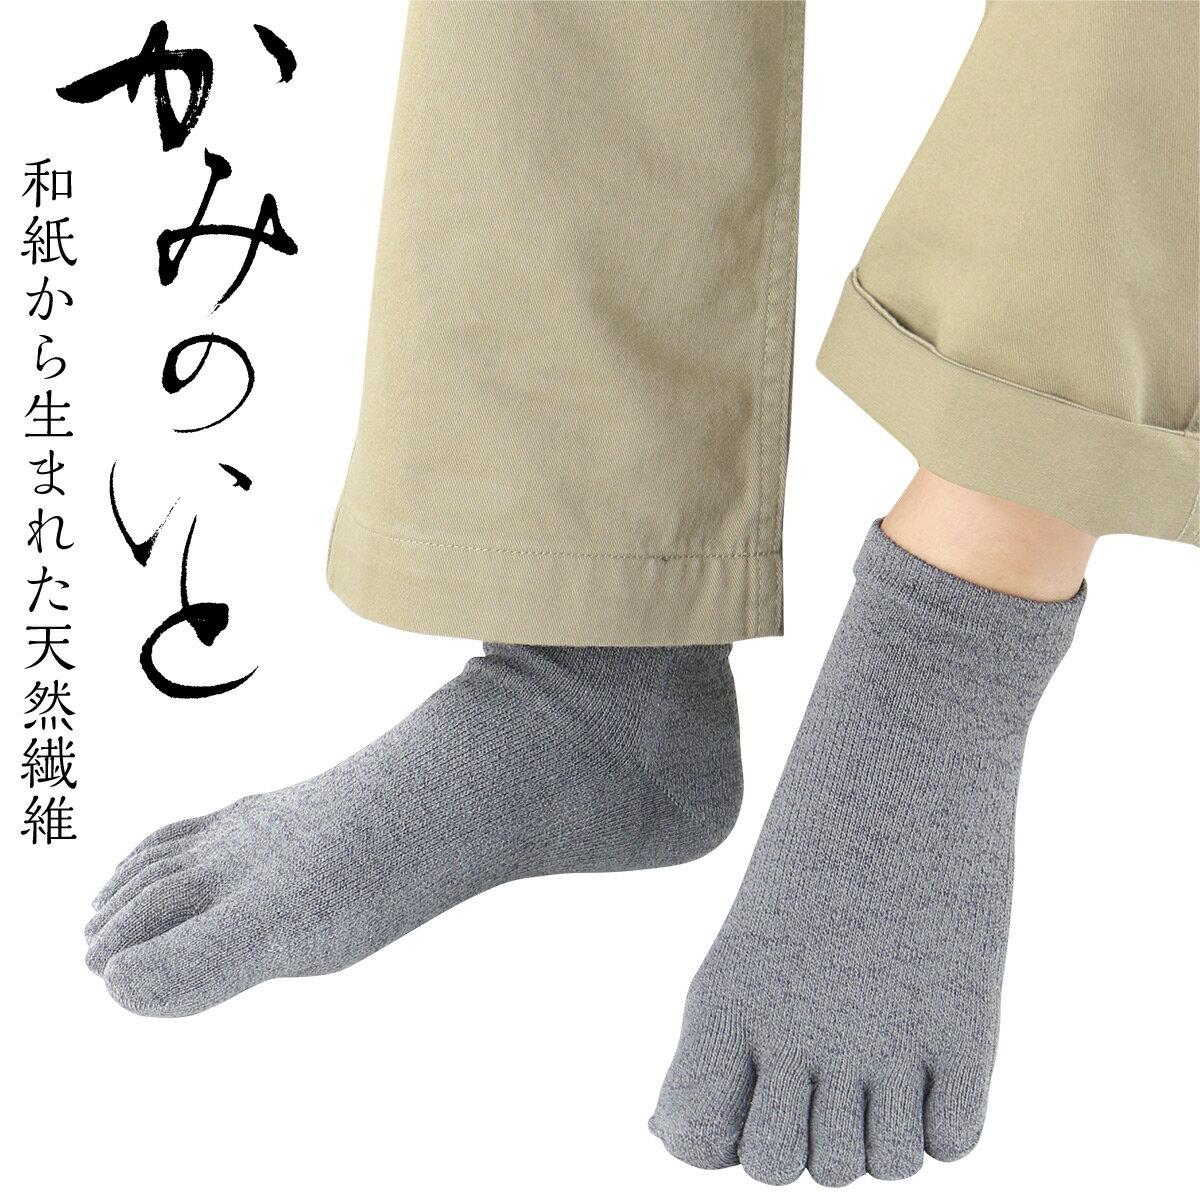 和紙から生まれた天然繊維紙から生まれた かみのいと OJO+ 軽量 吸水速乾 無地 5本指 日本製マラソン・ランニングにも使えますメンズ&レディス 男女兼用ショート丈 ソックス 和紙 靴下2997-402男性 メンズ プレゼントポイント10倍